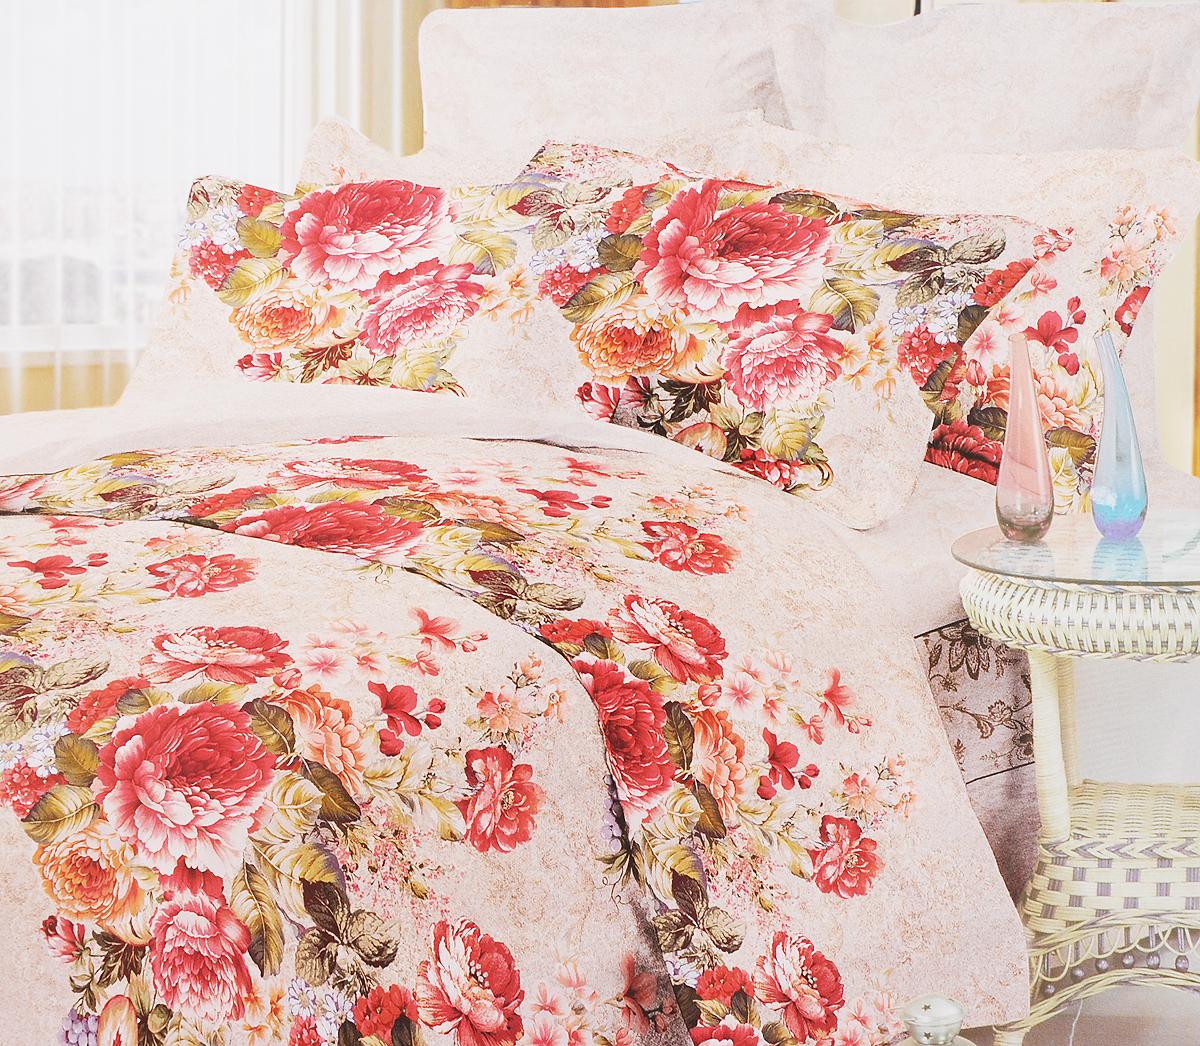 Комплект белья Primavera Букет роз, 2-спальный, наволочки 70x70, цвет: светло-коричневый, белый, красный86489Комплект постельного белья Primavera Букет роз является экологически безопасным для всей семьи, так как выполнен из высококачественного сатина (100% хлопка). Комплект состоит из пододеяльника на молнии, простыни и двух наволочек. Постельное белье оформлено ярким цветочным рисунком и имеет изысканный внешний вид. Сатин - производится из высших сортов хлопка, а своим блеском и легкостью напоминает шелк. Постельное белье из сатина превращает жаркие летние ночи в прохладные и освежающие, а холодные зимние - в теплые и согревающие. Приобретая комплект постельного белья Primavera Букет роз, вы можете быть уверенны в том, что покупка доставит вам и вашим близким удовольствие и подарит максимальный комфорт.